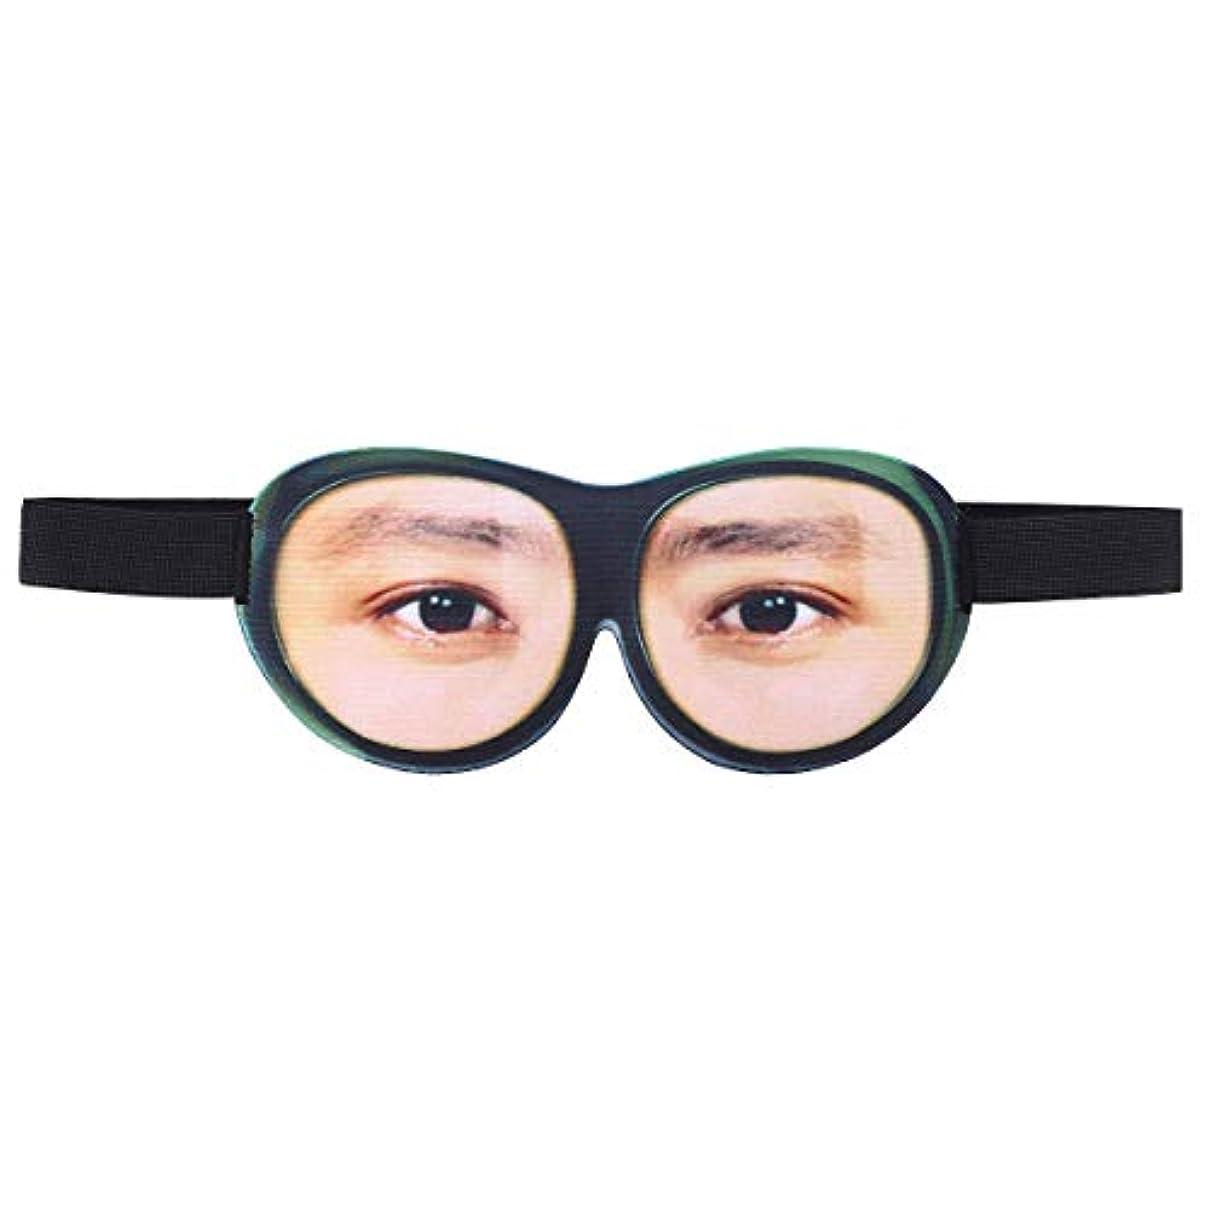 ファランクス十年大脳Healifty 3D面白いアイシェード睡眠マスク旅行アイマスク目隠し睡眠ヘルパーアイシェード男性女性旅行昼寝と深い眠り(男になりすまし)